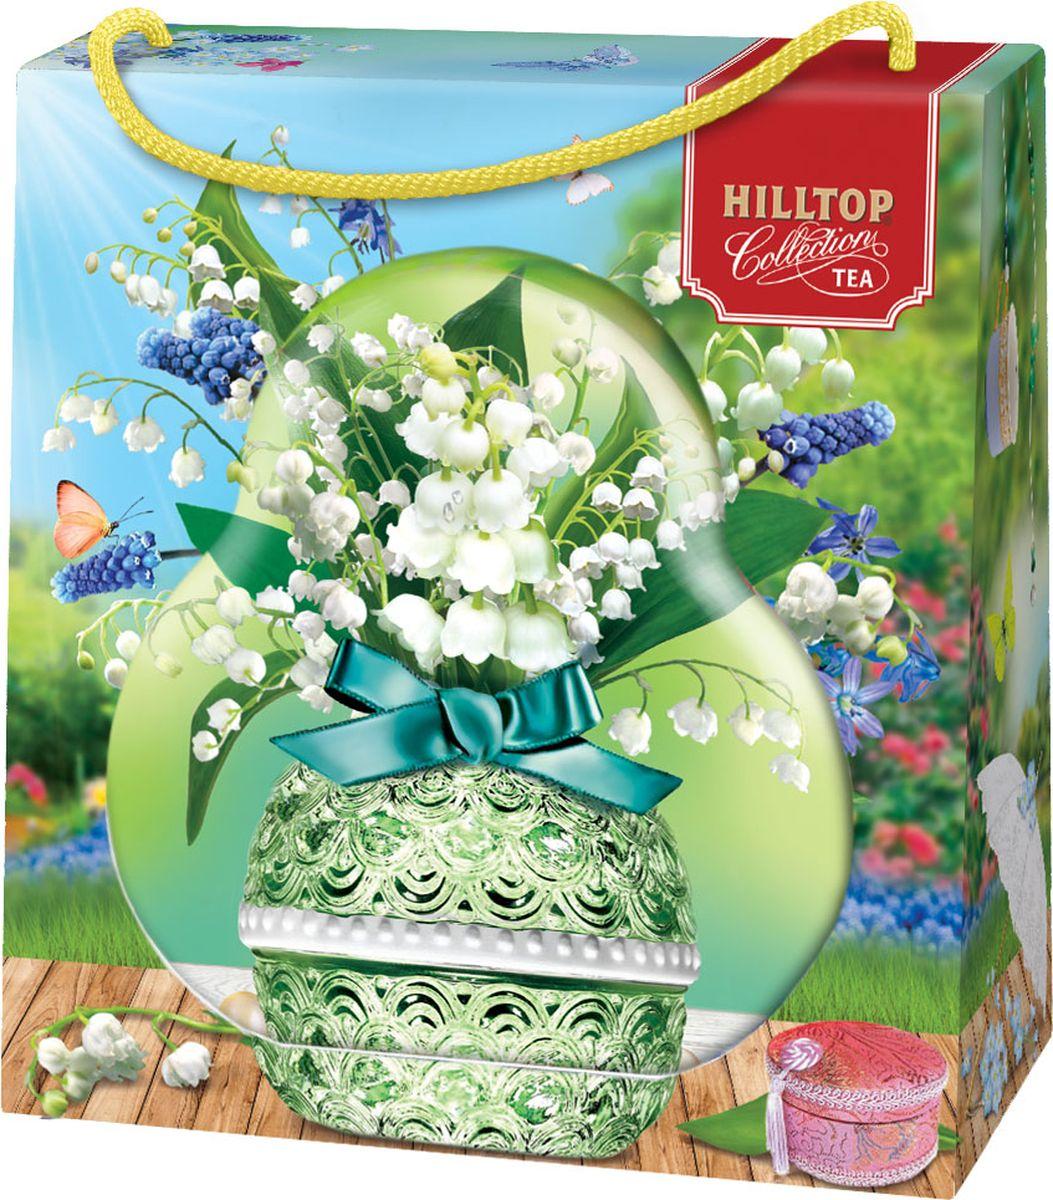 Hilltop Ландыш чай листовой королевское золото, 50 г чай черный листовой мастер тим флейм ассам цейлон 100 г